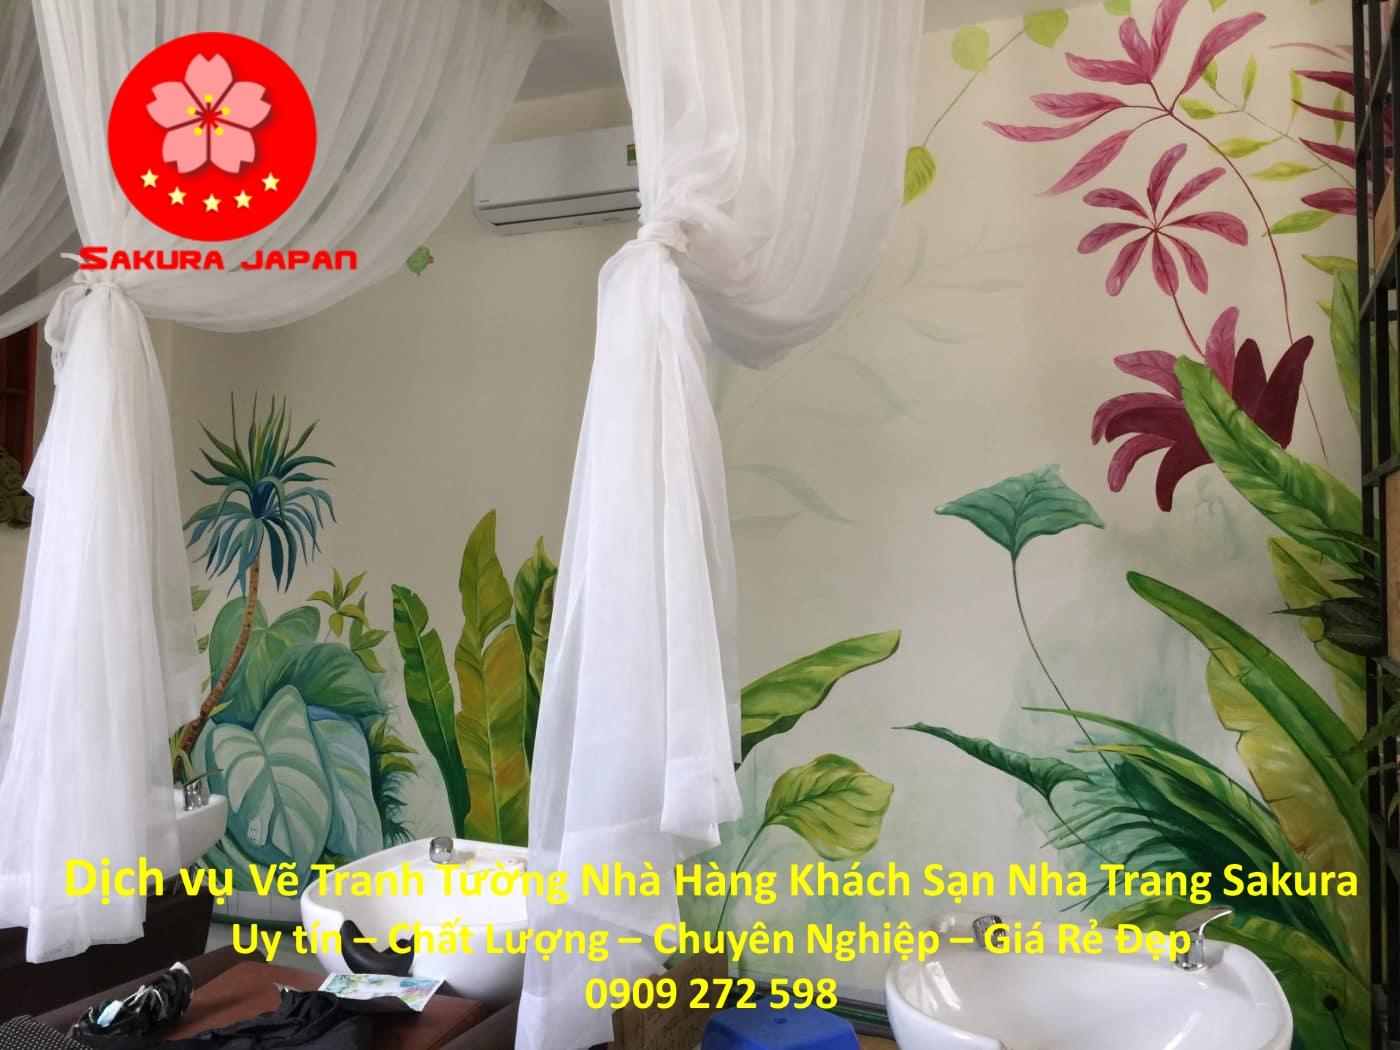 Dịch vụ Vẽ Tranh Tường Nhà Hàng Khách Sạn ở tại Nha Trang 4